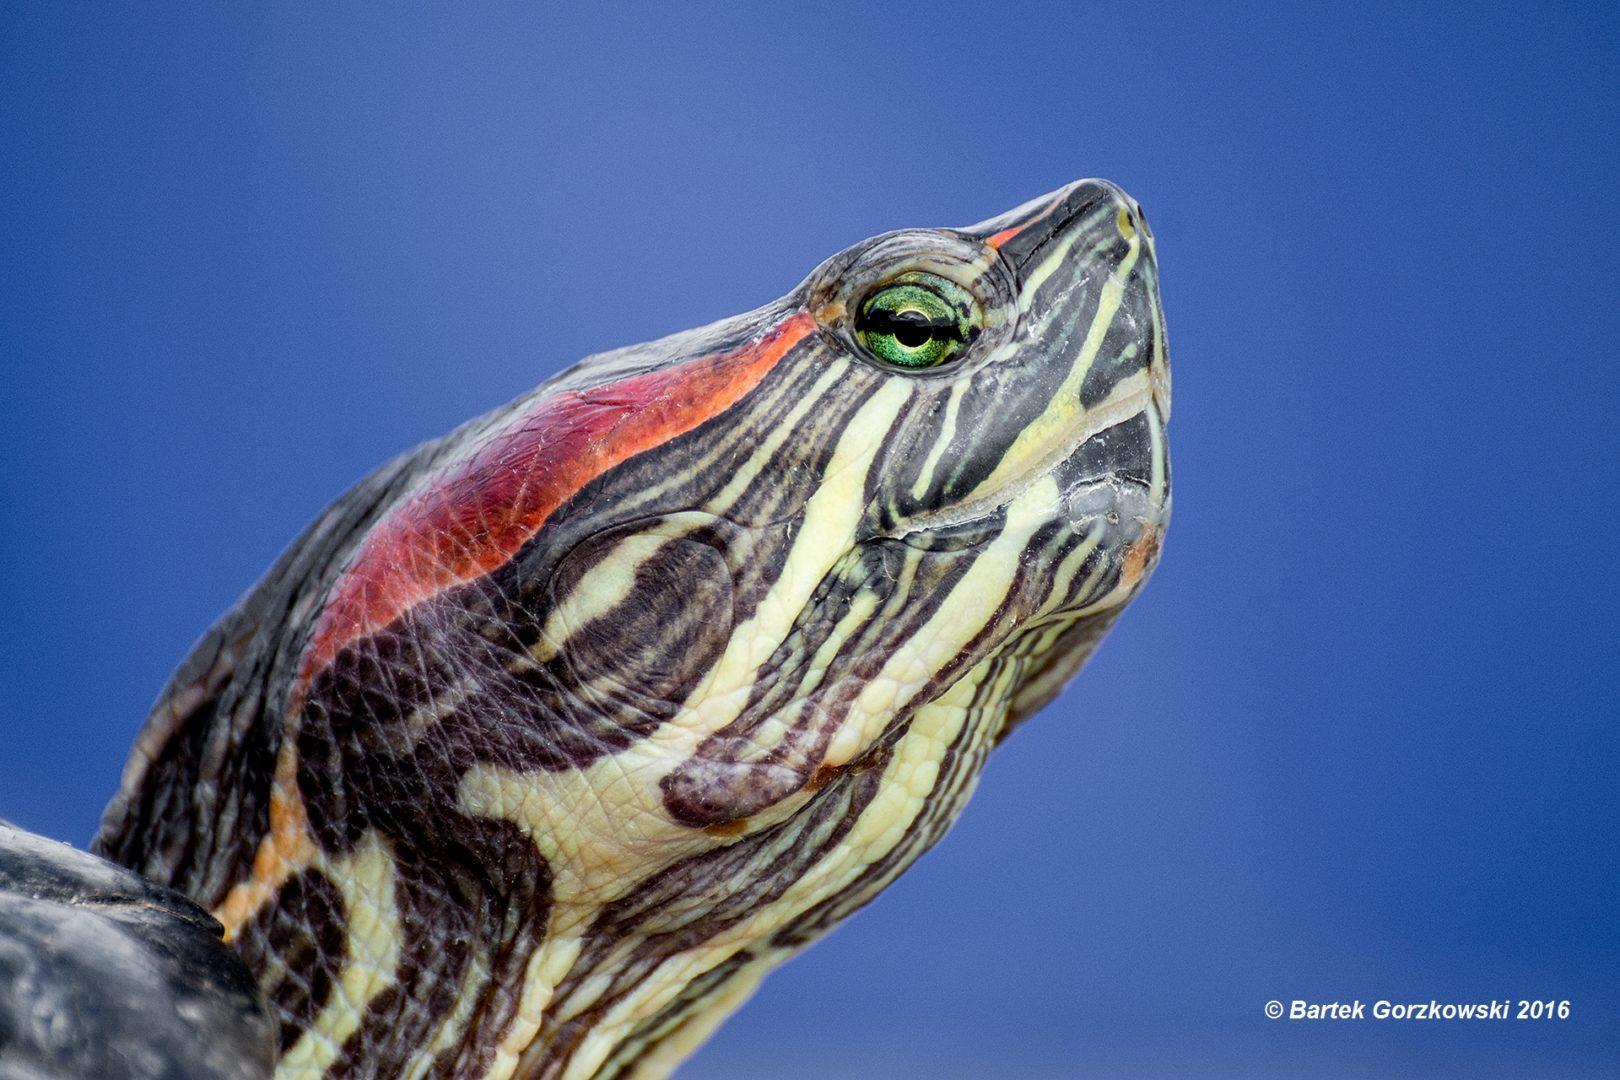 Żółw czerwonolicy (Trachemys scripta elegans) jest przedstawicielem żółwi wodno-lądowych